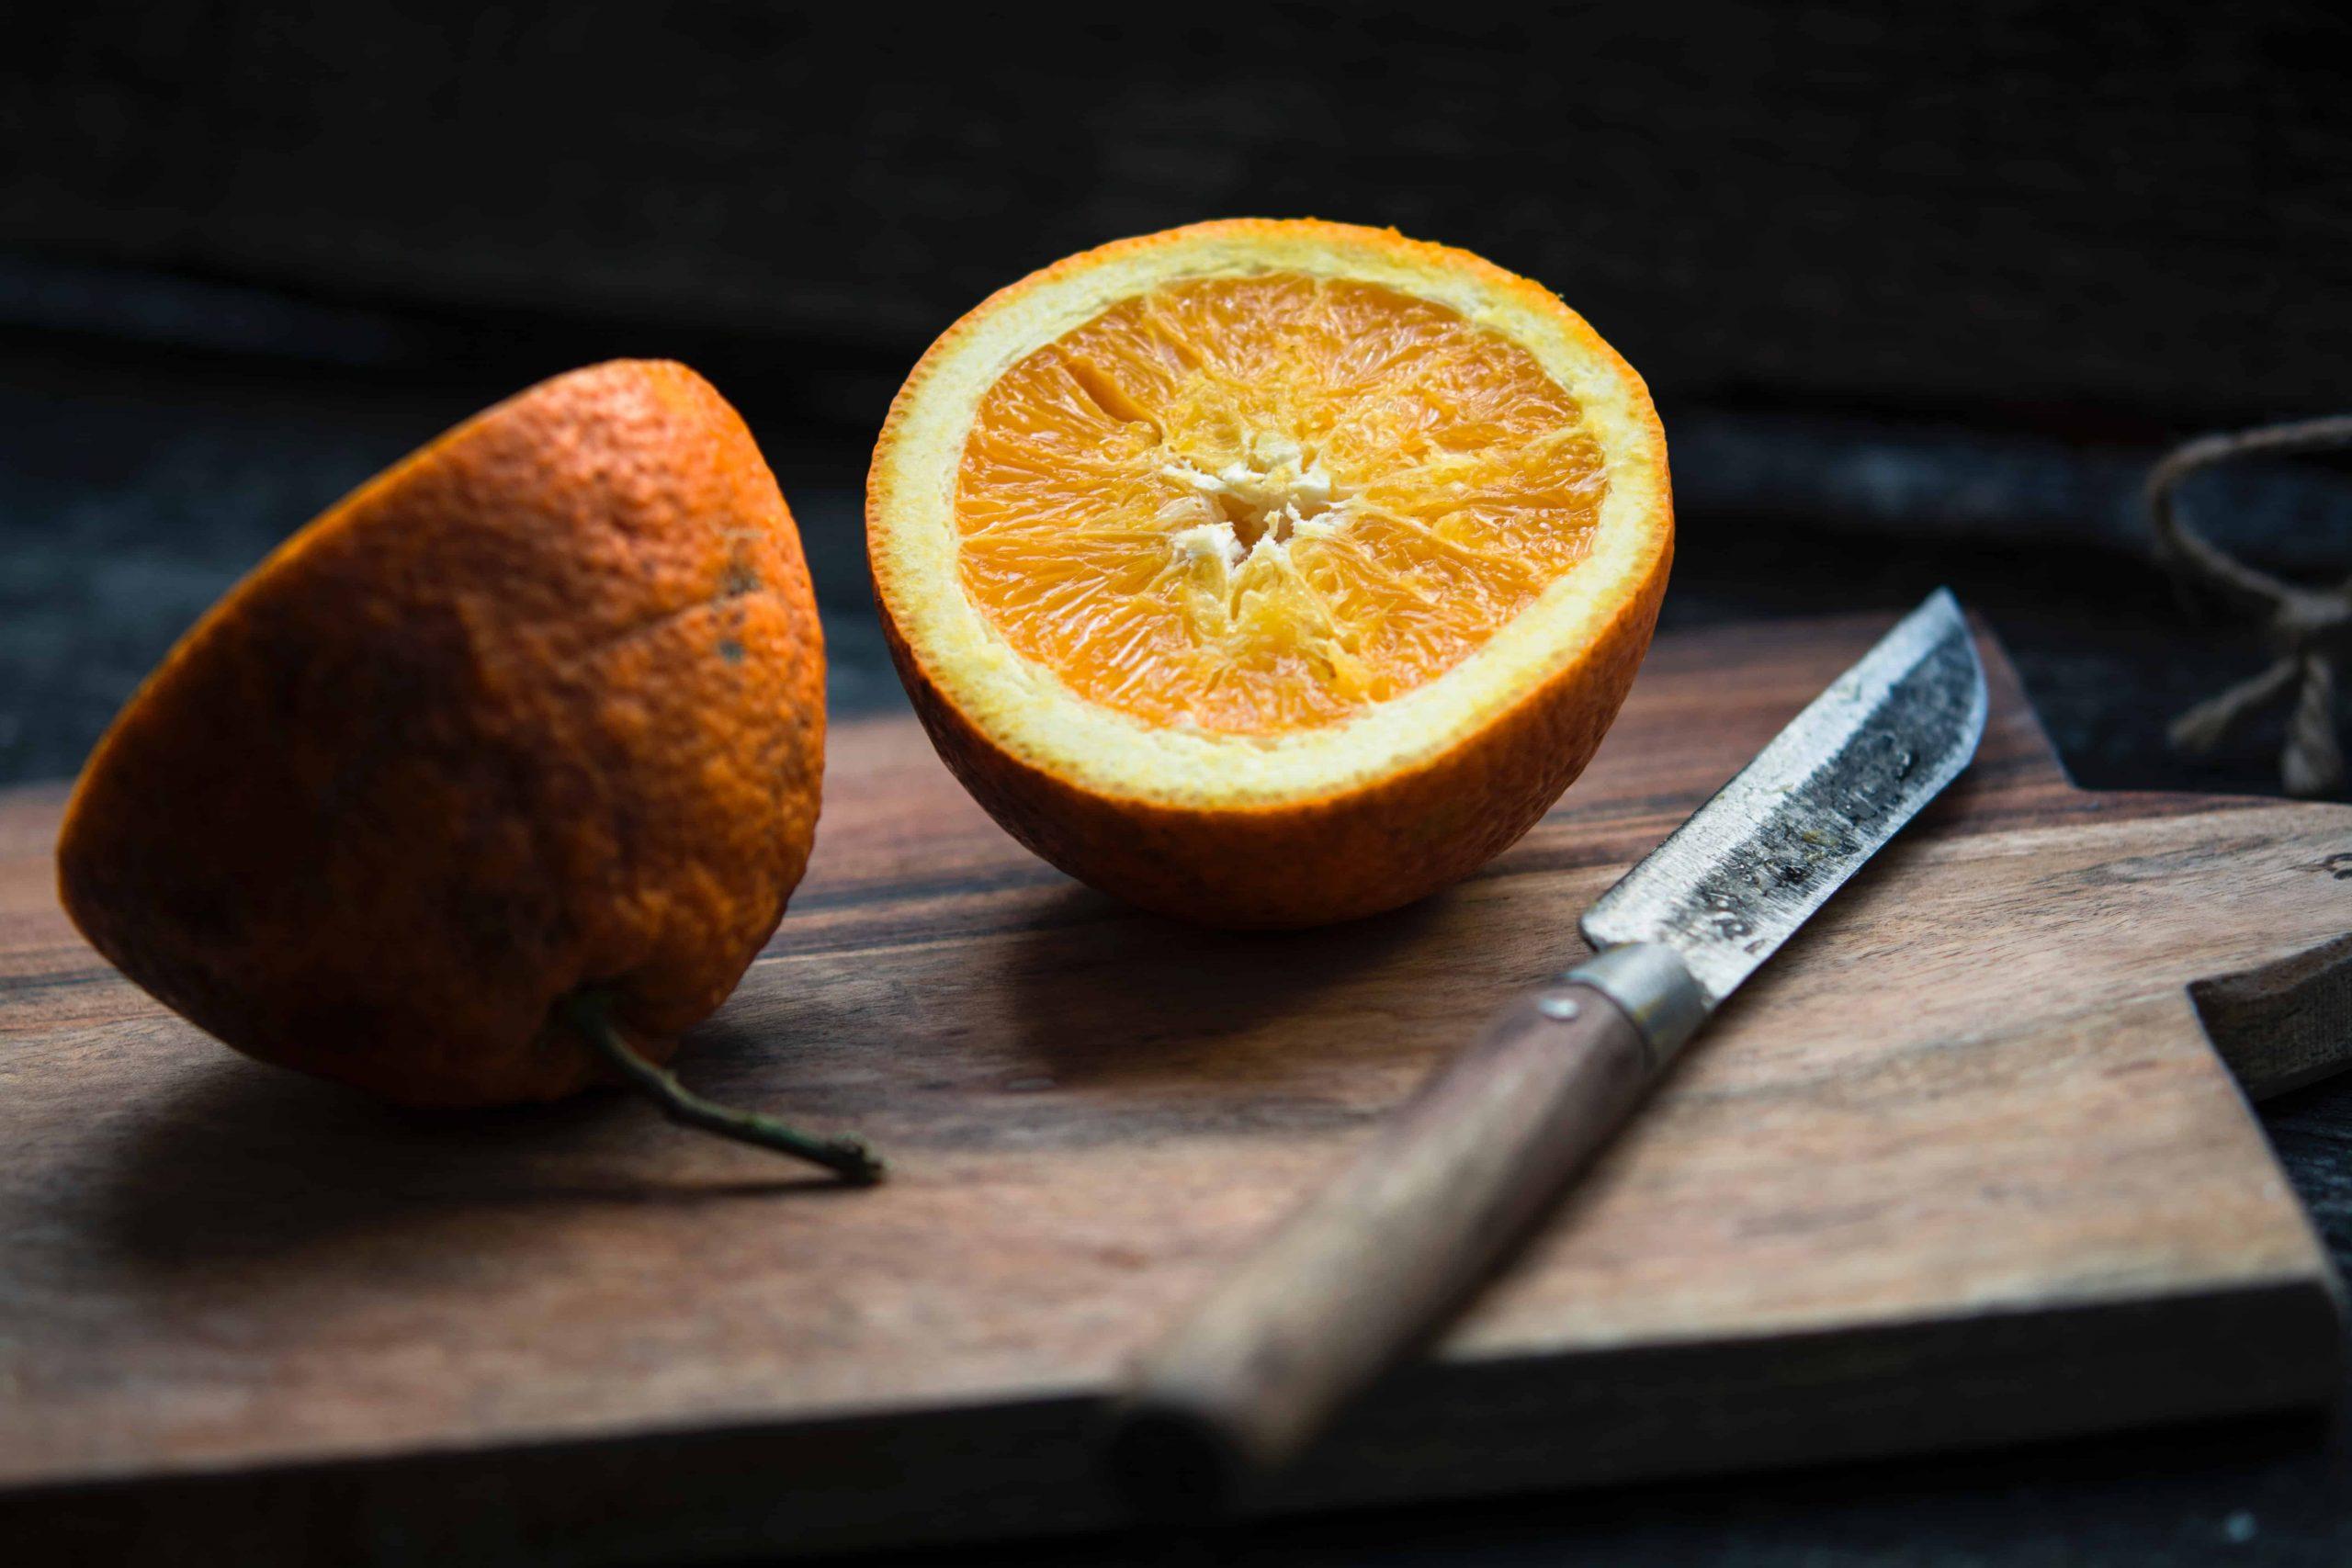 Damastmesser: Test & Empfehlungen (08/20)